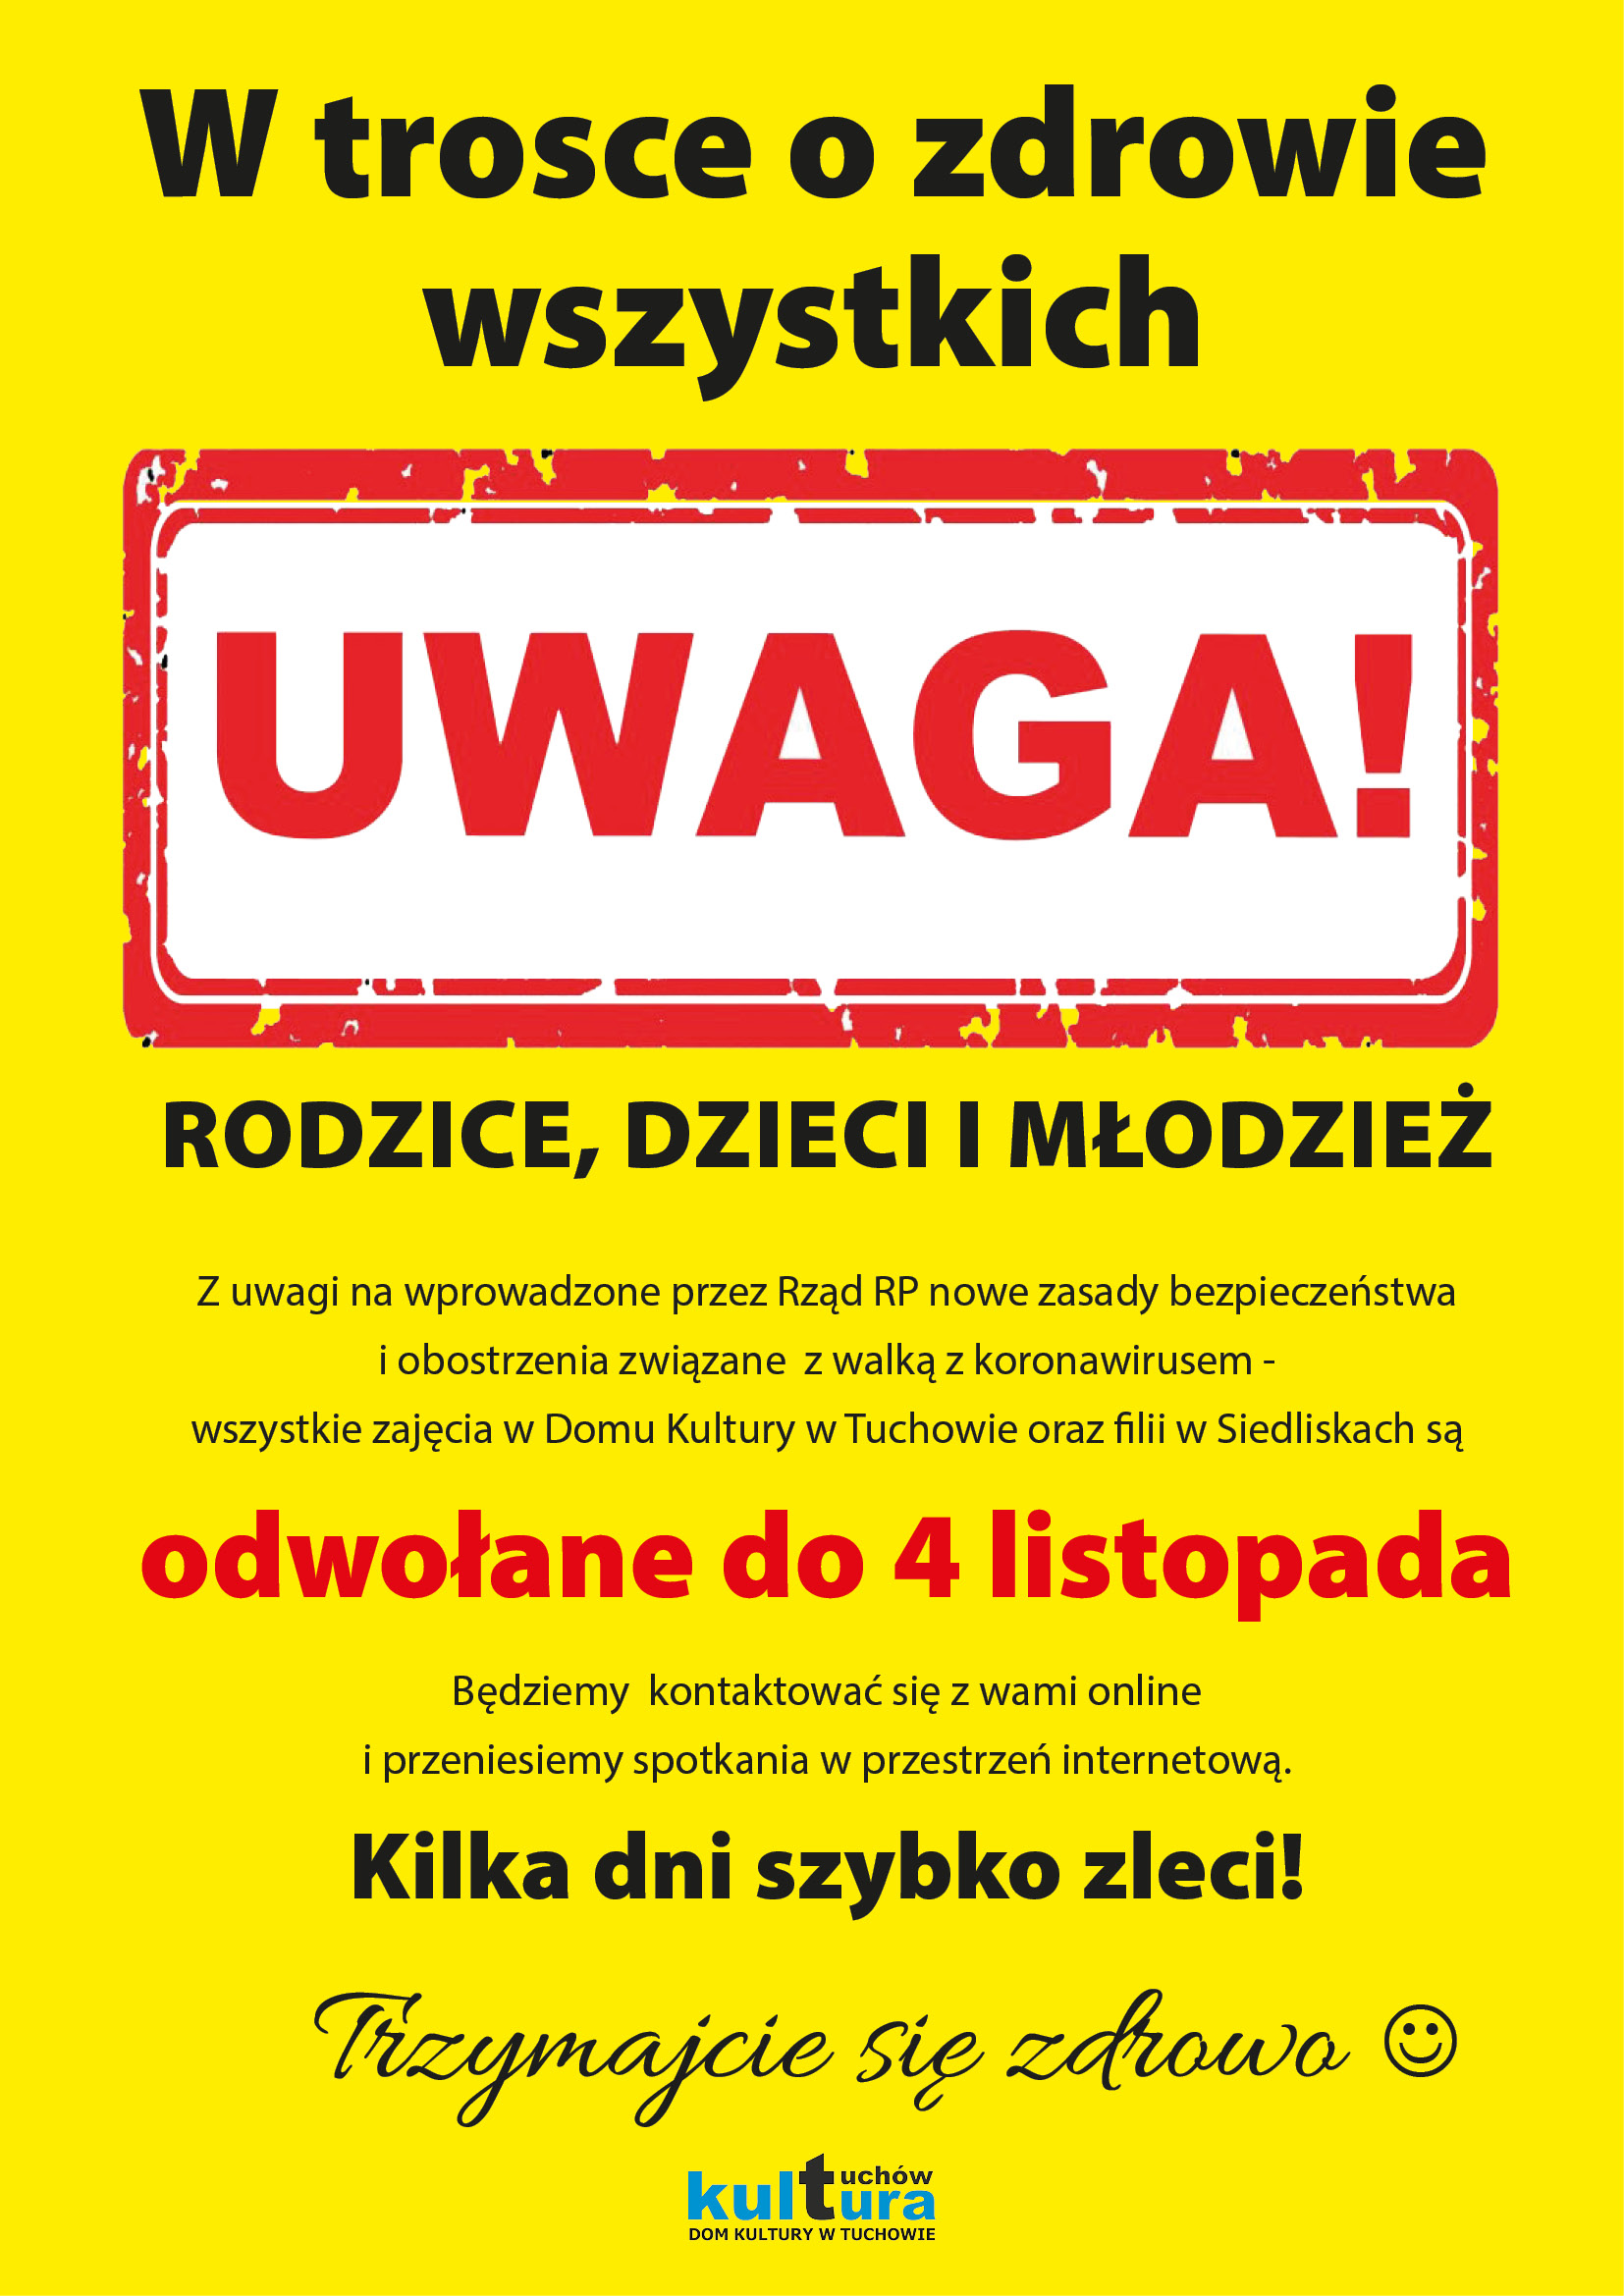 UWAGA!!! Odwołane zajęcia!